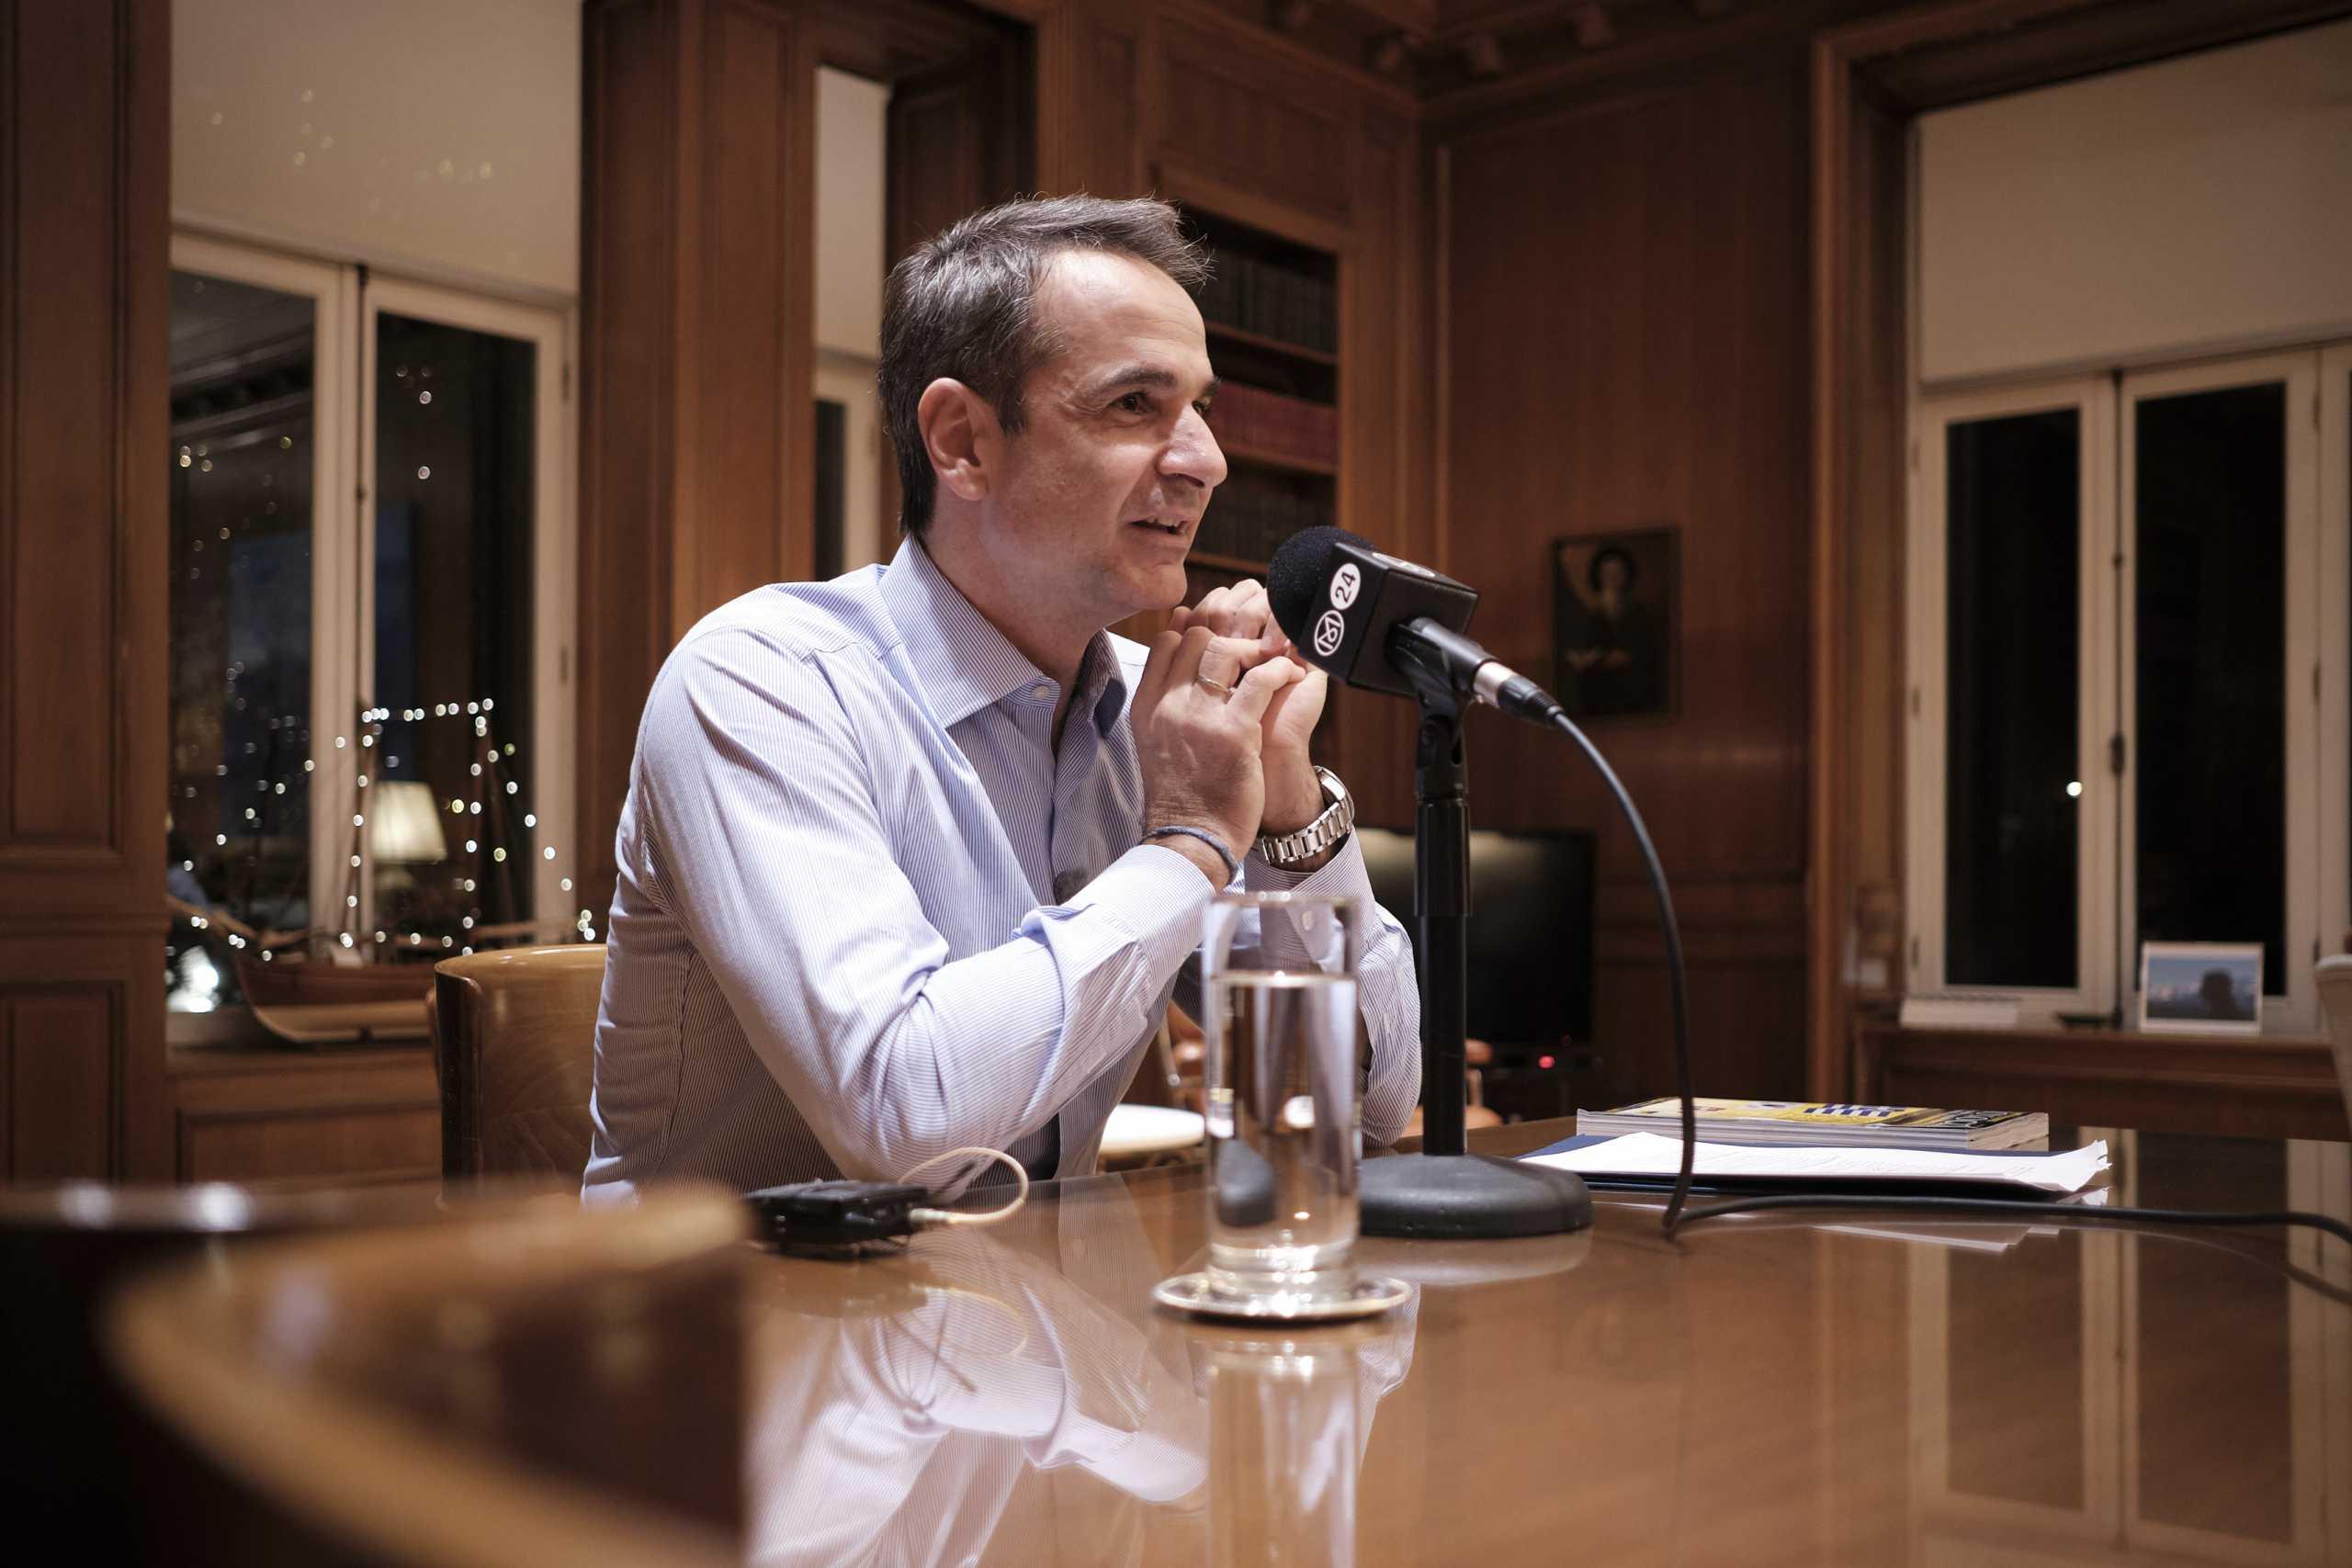 Μητσοτάκης στον Πρόεδρο της Επιτροπής Εξωτερικών Σχέσεων της Γερουσίας: Ανυπομονώ να επιδιώξουμε ειρήνη στην Ανατολική Μεσόγειο